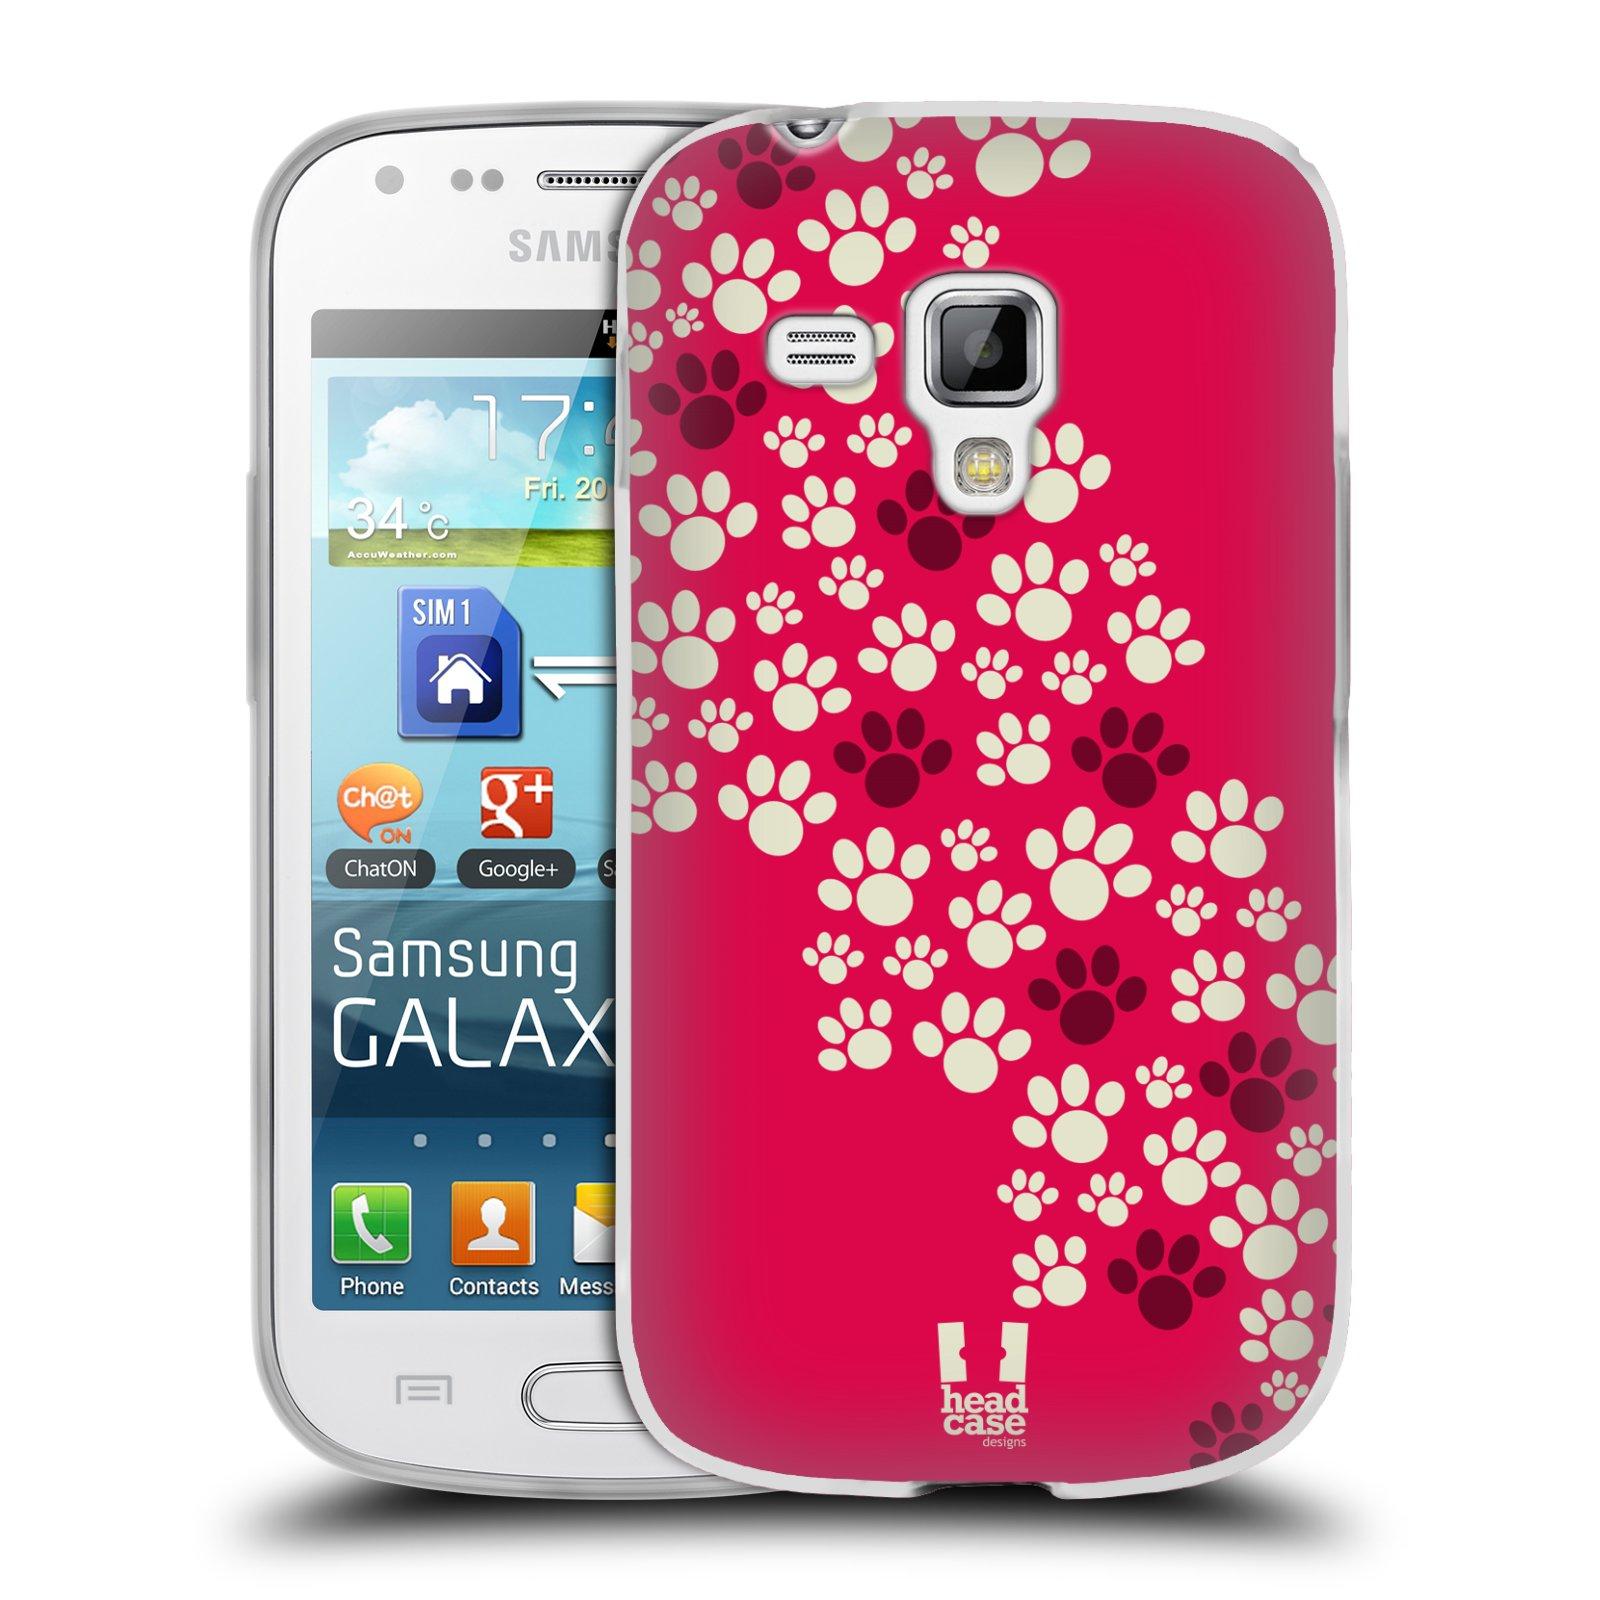 Silikonové pouzdro na mobil Samsung Galaxy Trend HEAD CASE TLAPKY RŮŽOVÉ (Silikonový kryt či obal na mobilní telefon Samsung Galaxy Trend GT-S7560)